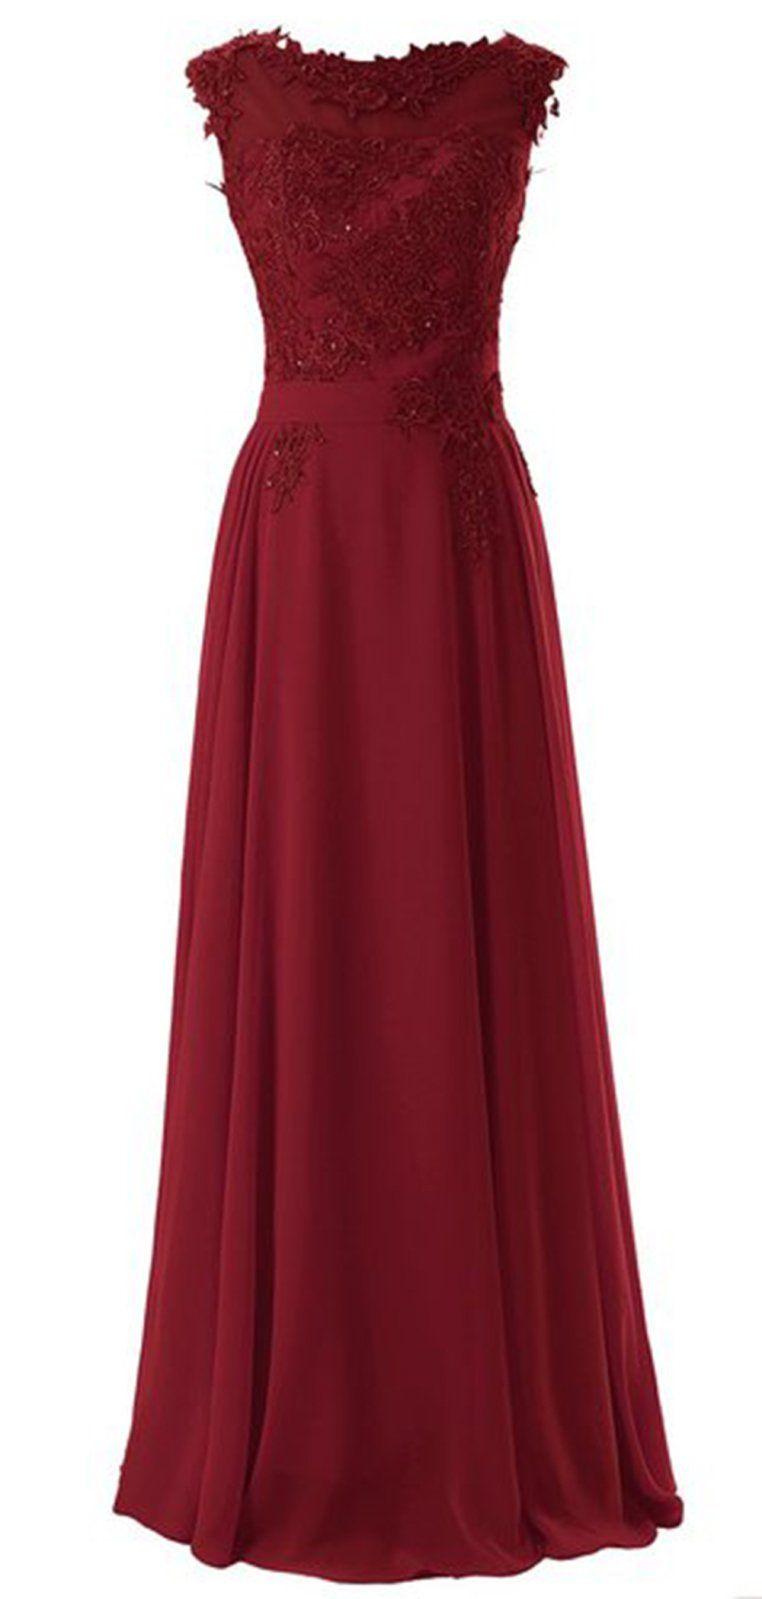 Designer Ausgezeichnet Abendkleid Amazon BoutiqueAbend Fantastisch Abendkleid Amazon Stylish